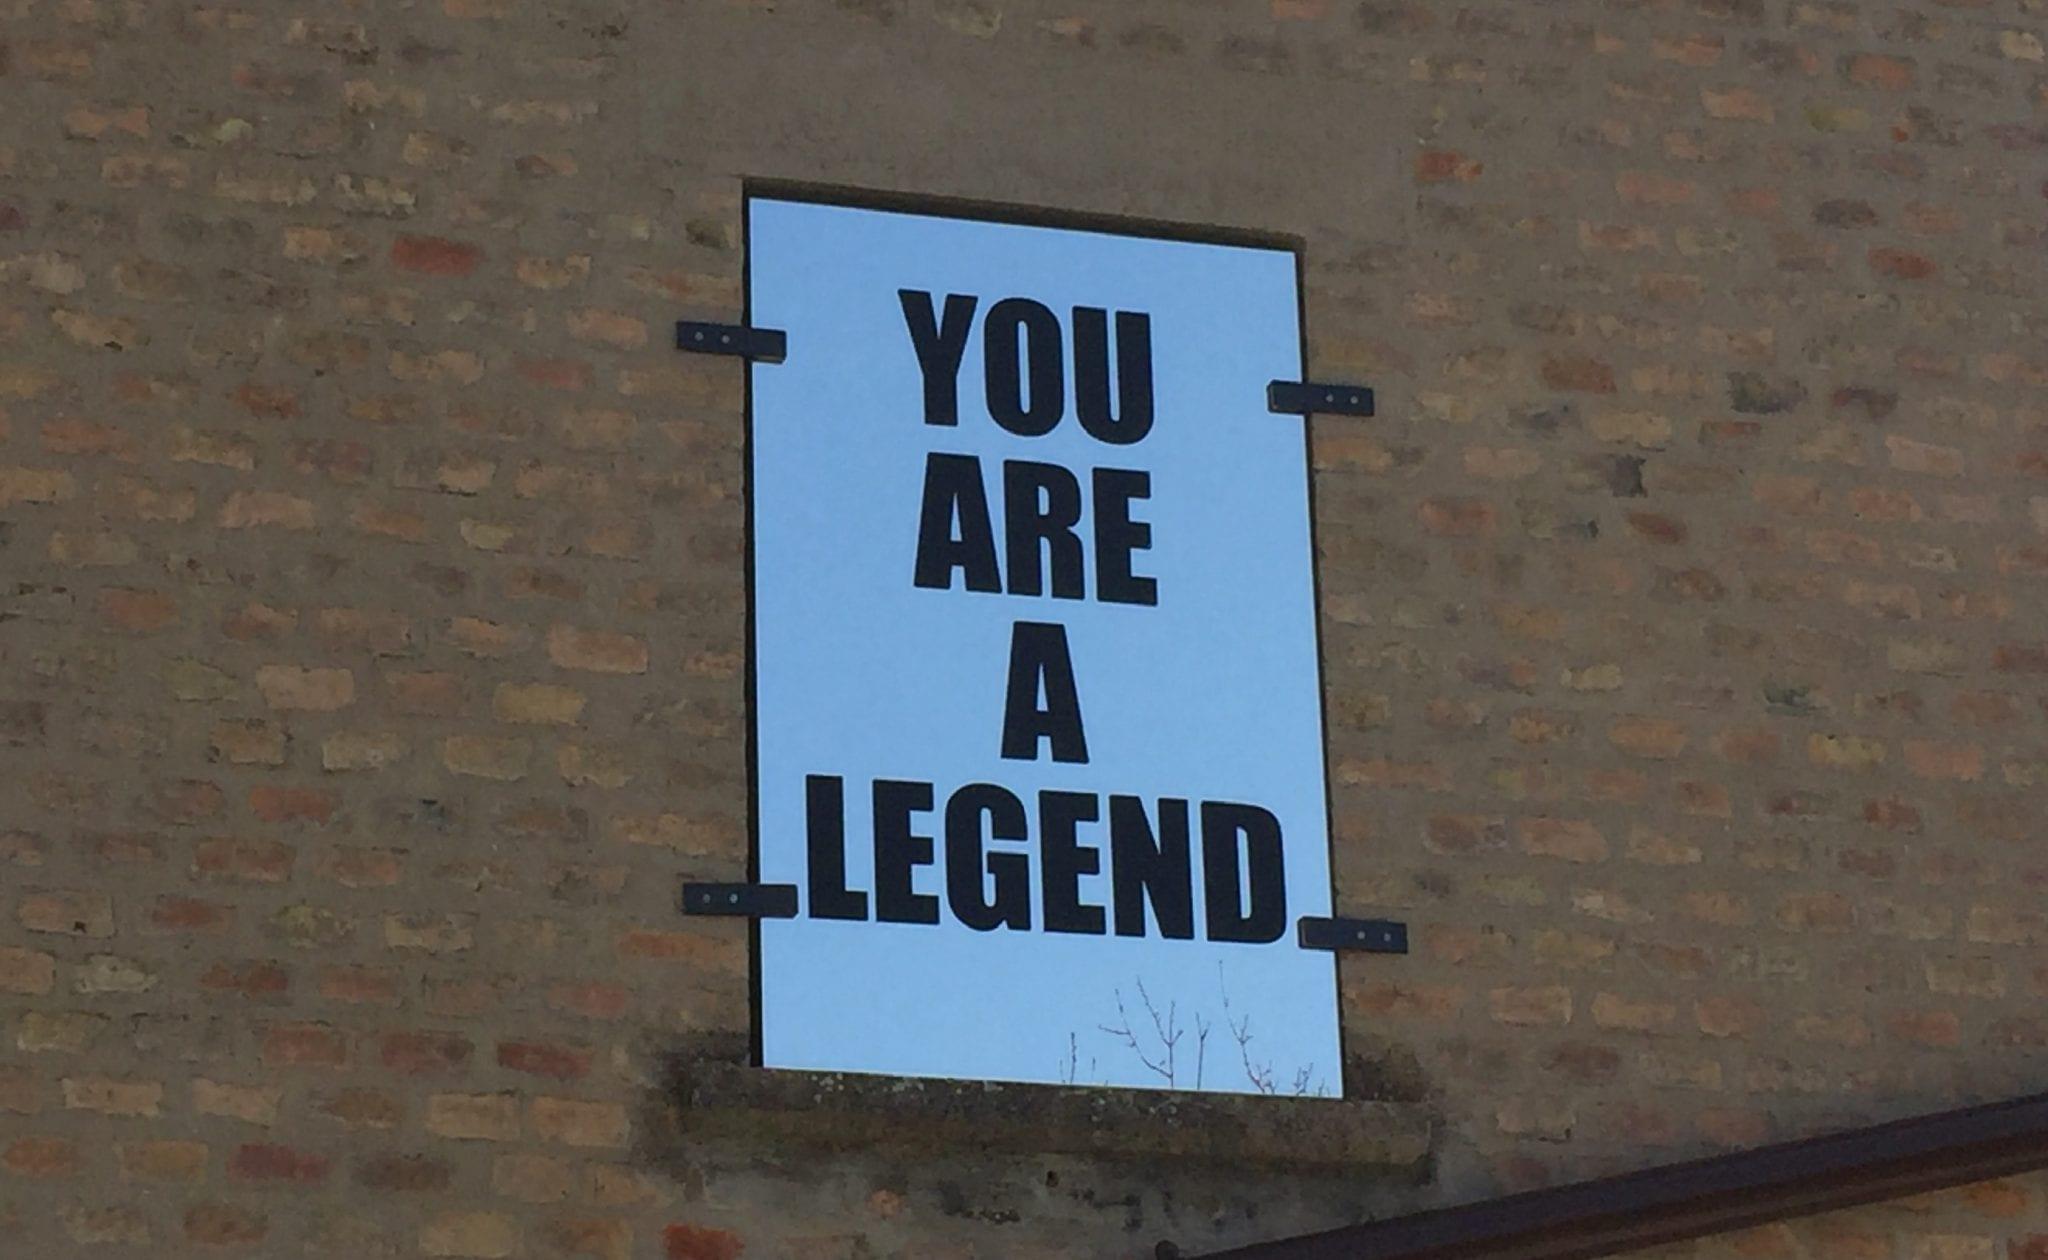 You are a legend. Immagini dell'installazione di Mario Consiglio al centro d'arte Casa Sponge